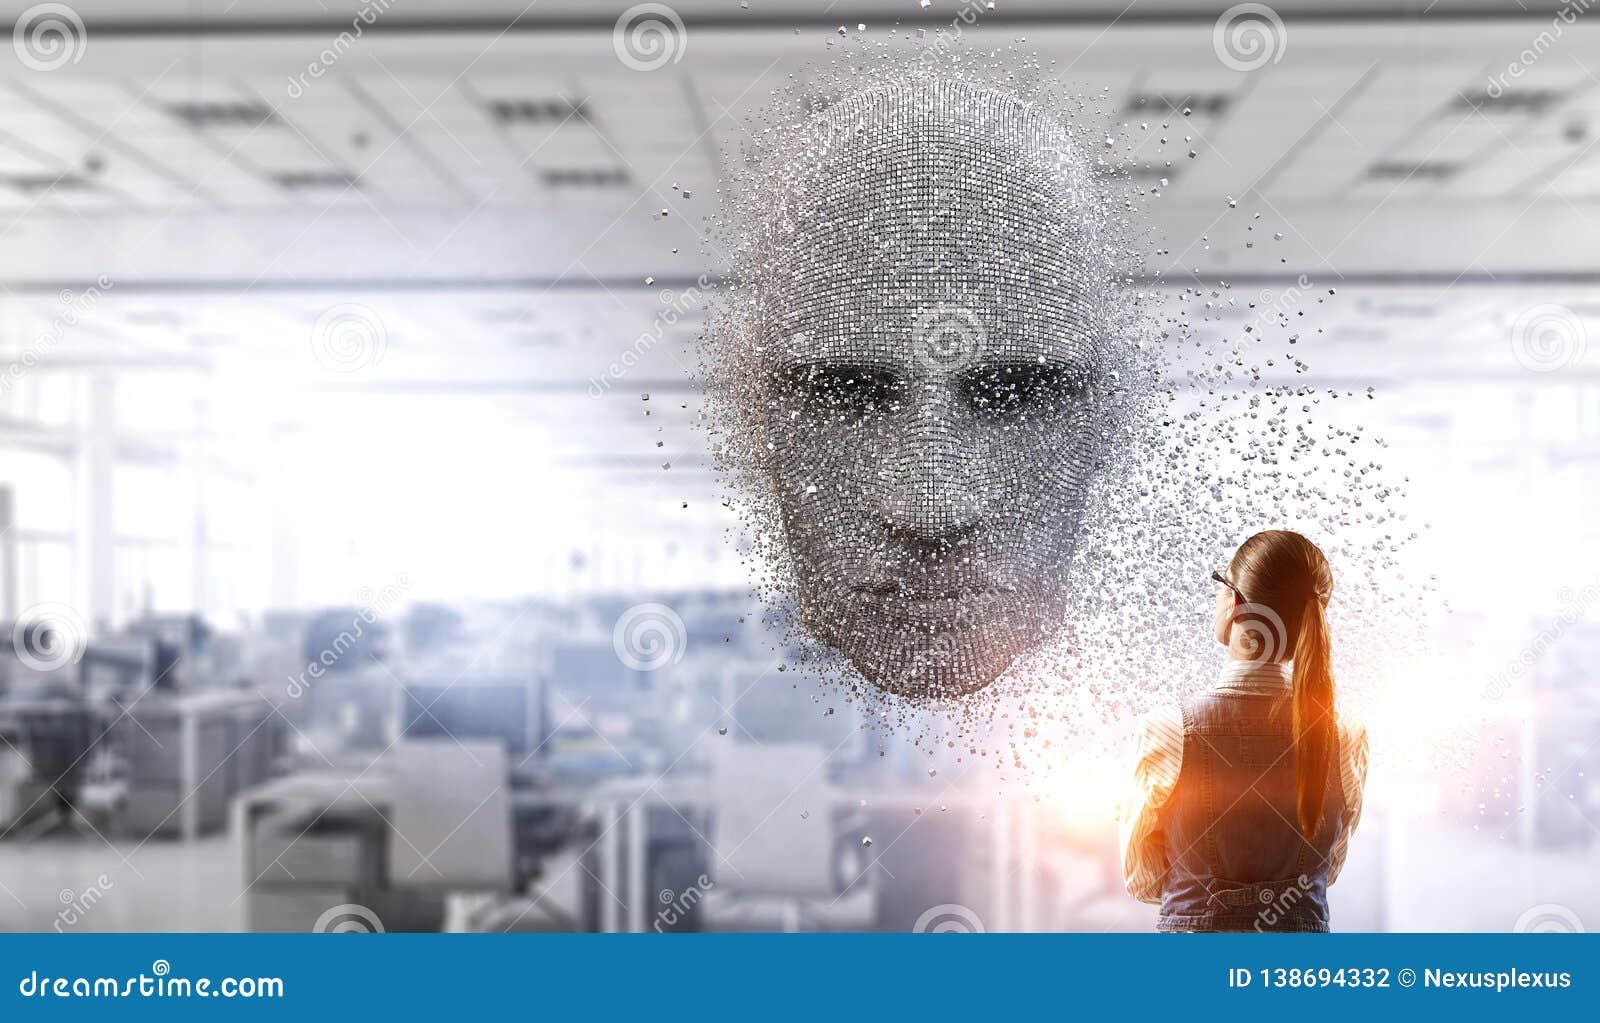 Sztuczna inteligencja i przyszłościowe technologie Mieszani środki